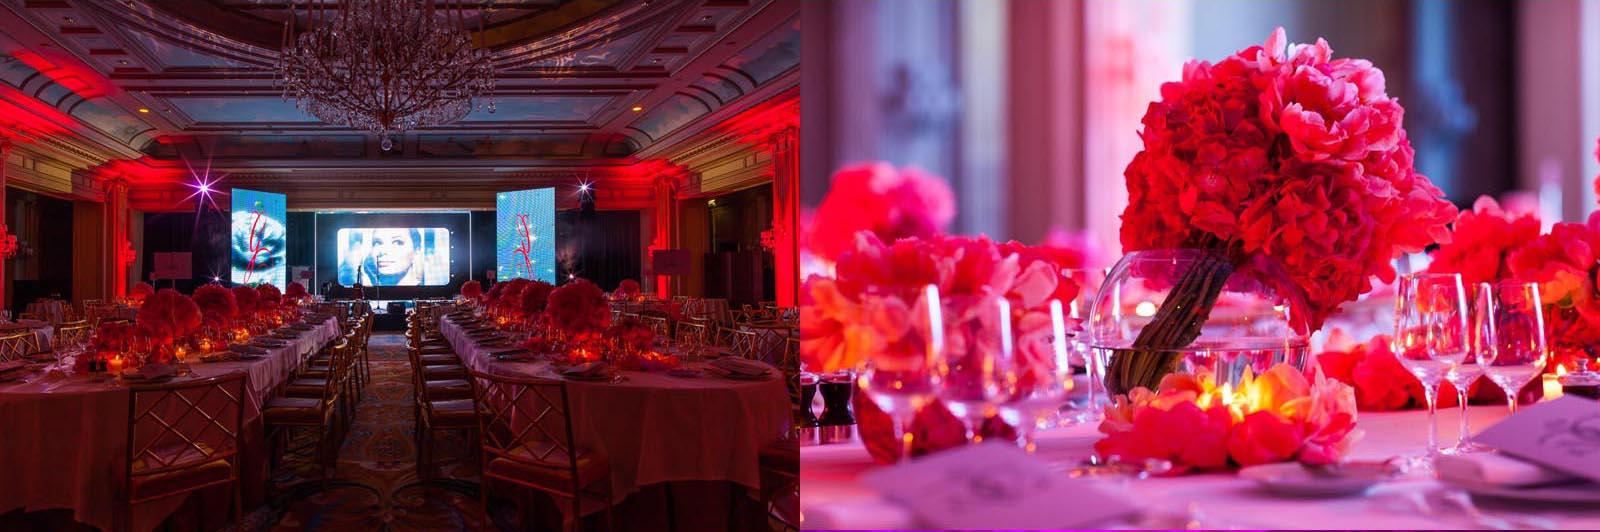 tables luxueuses couvertes de fleur lors d'une soirée de gala